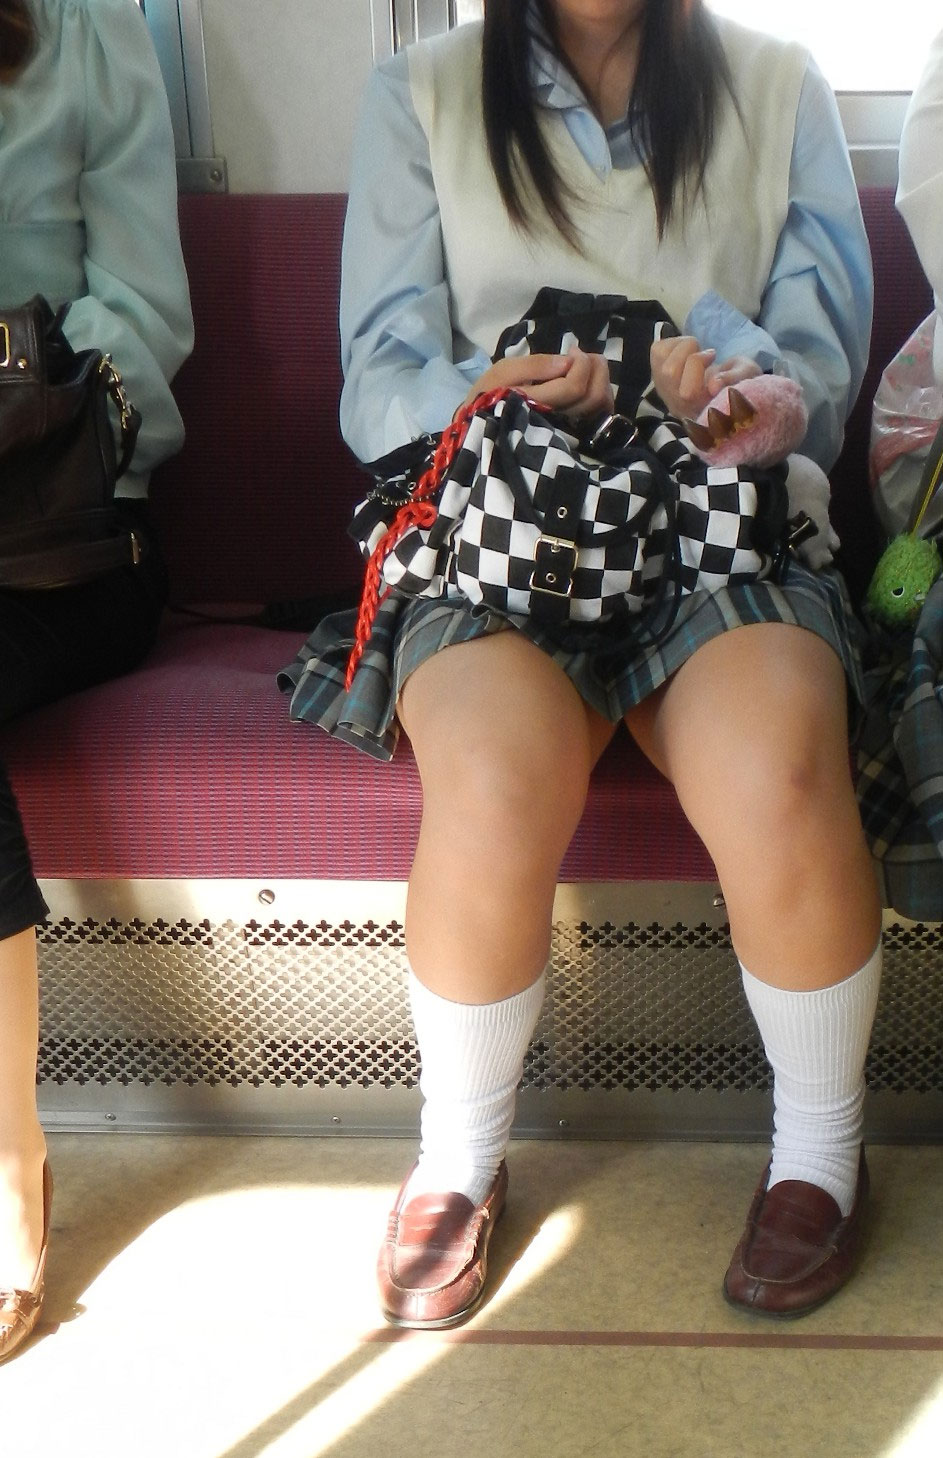 【JK太股画像】程よく太めでおいしそーなJKの剥き出し太股を電車で激撮! 04